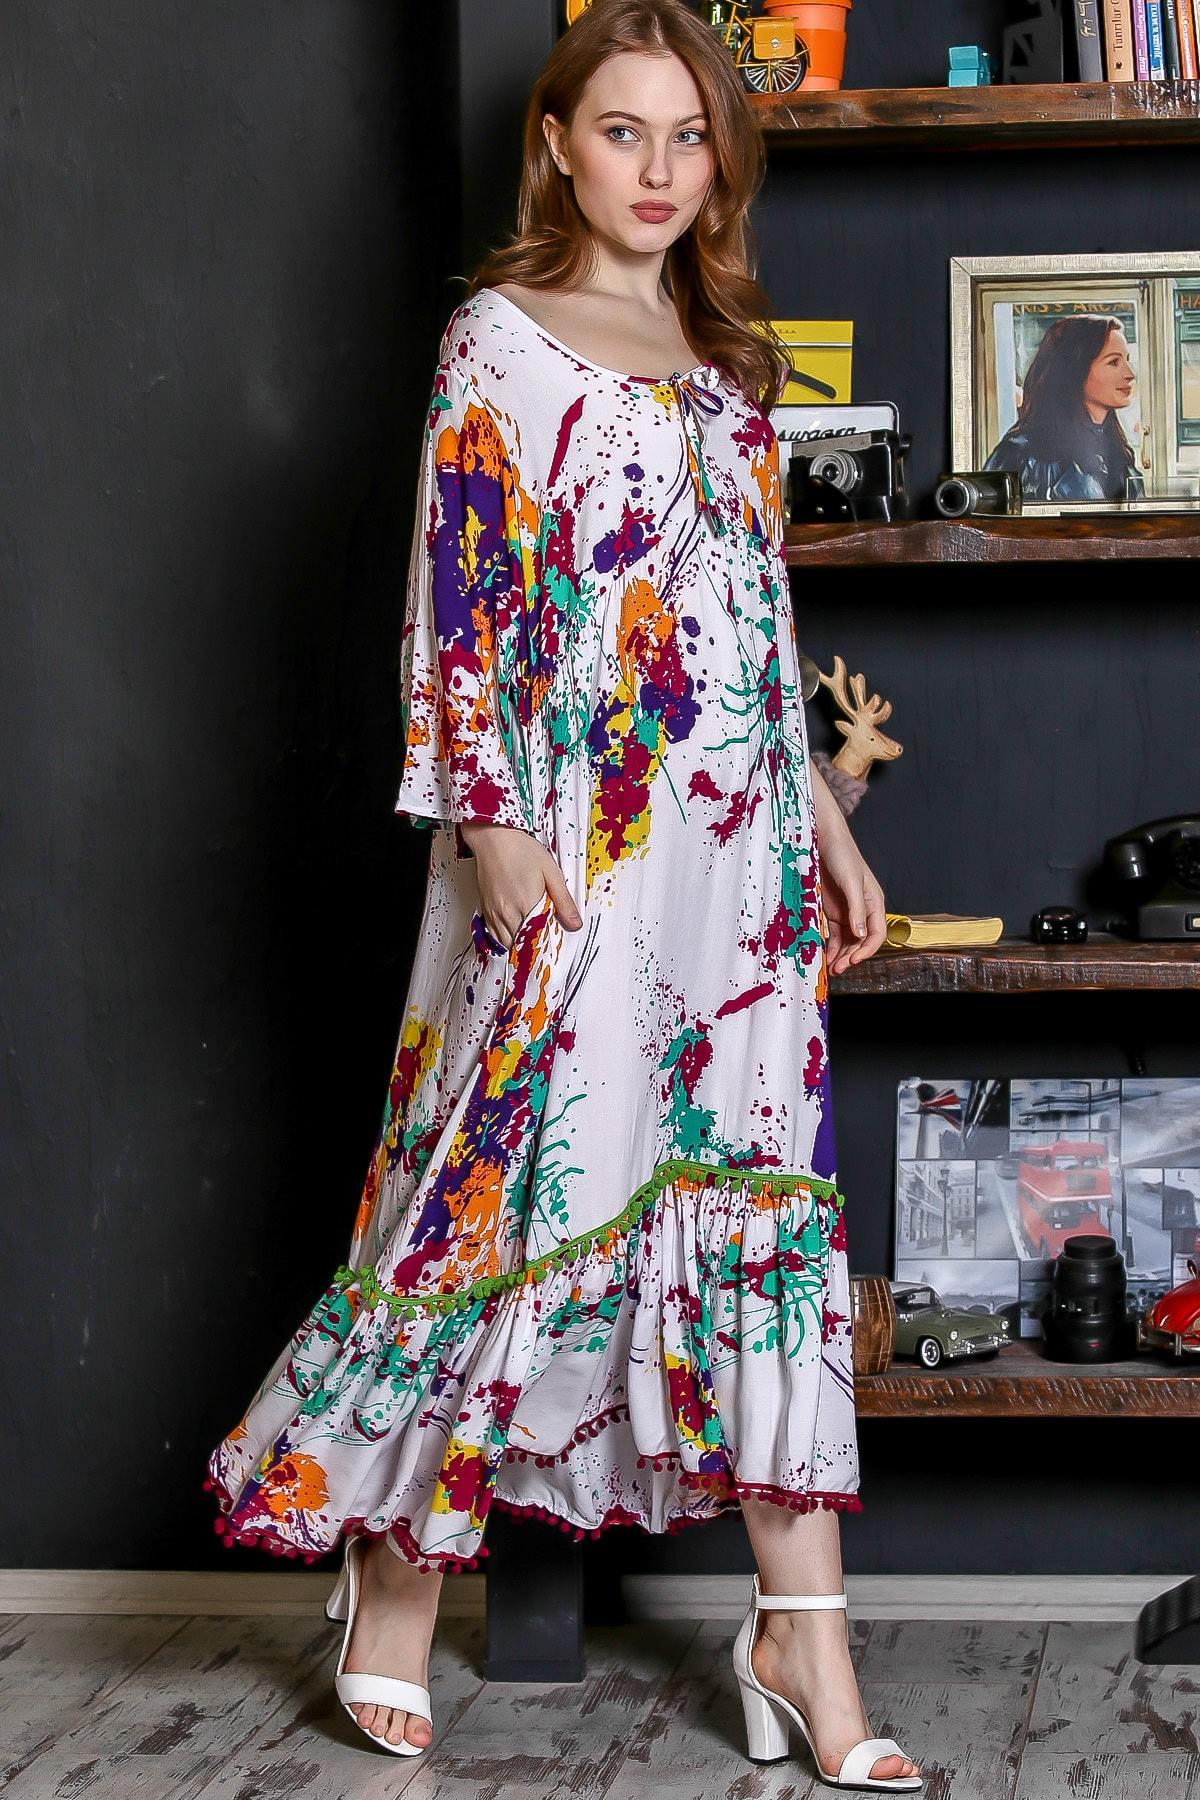 Chiccy Kadın Beyaz Sıfır Yaka Fırça Desen Etek Ucu Ponpon Detaylı Uzun Dokuma Elbise M10160000EL95226